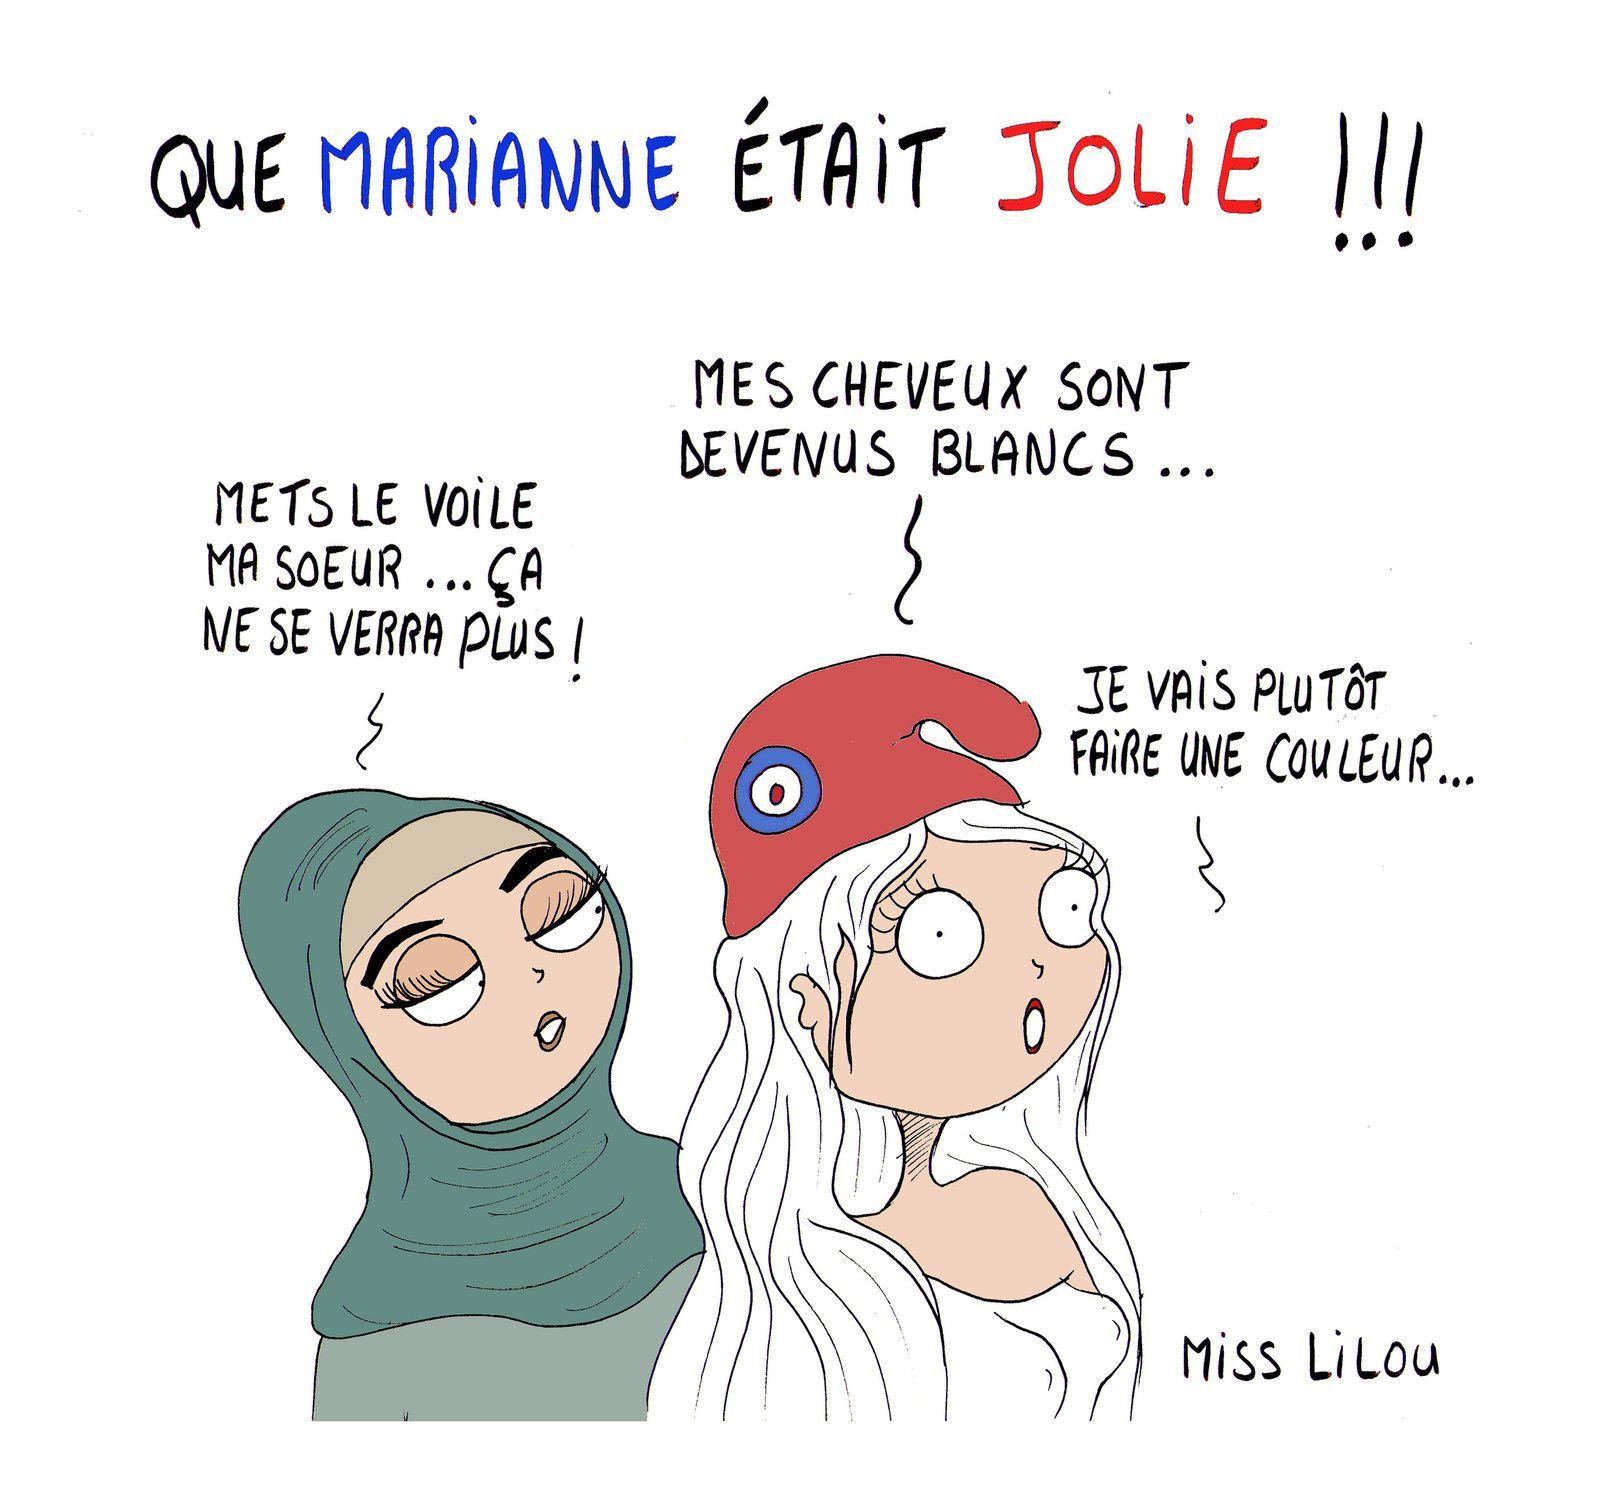 Que Marianne Etait Jolie Dessins Miss Lilou